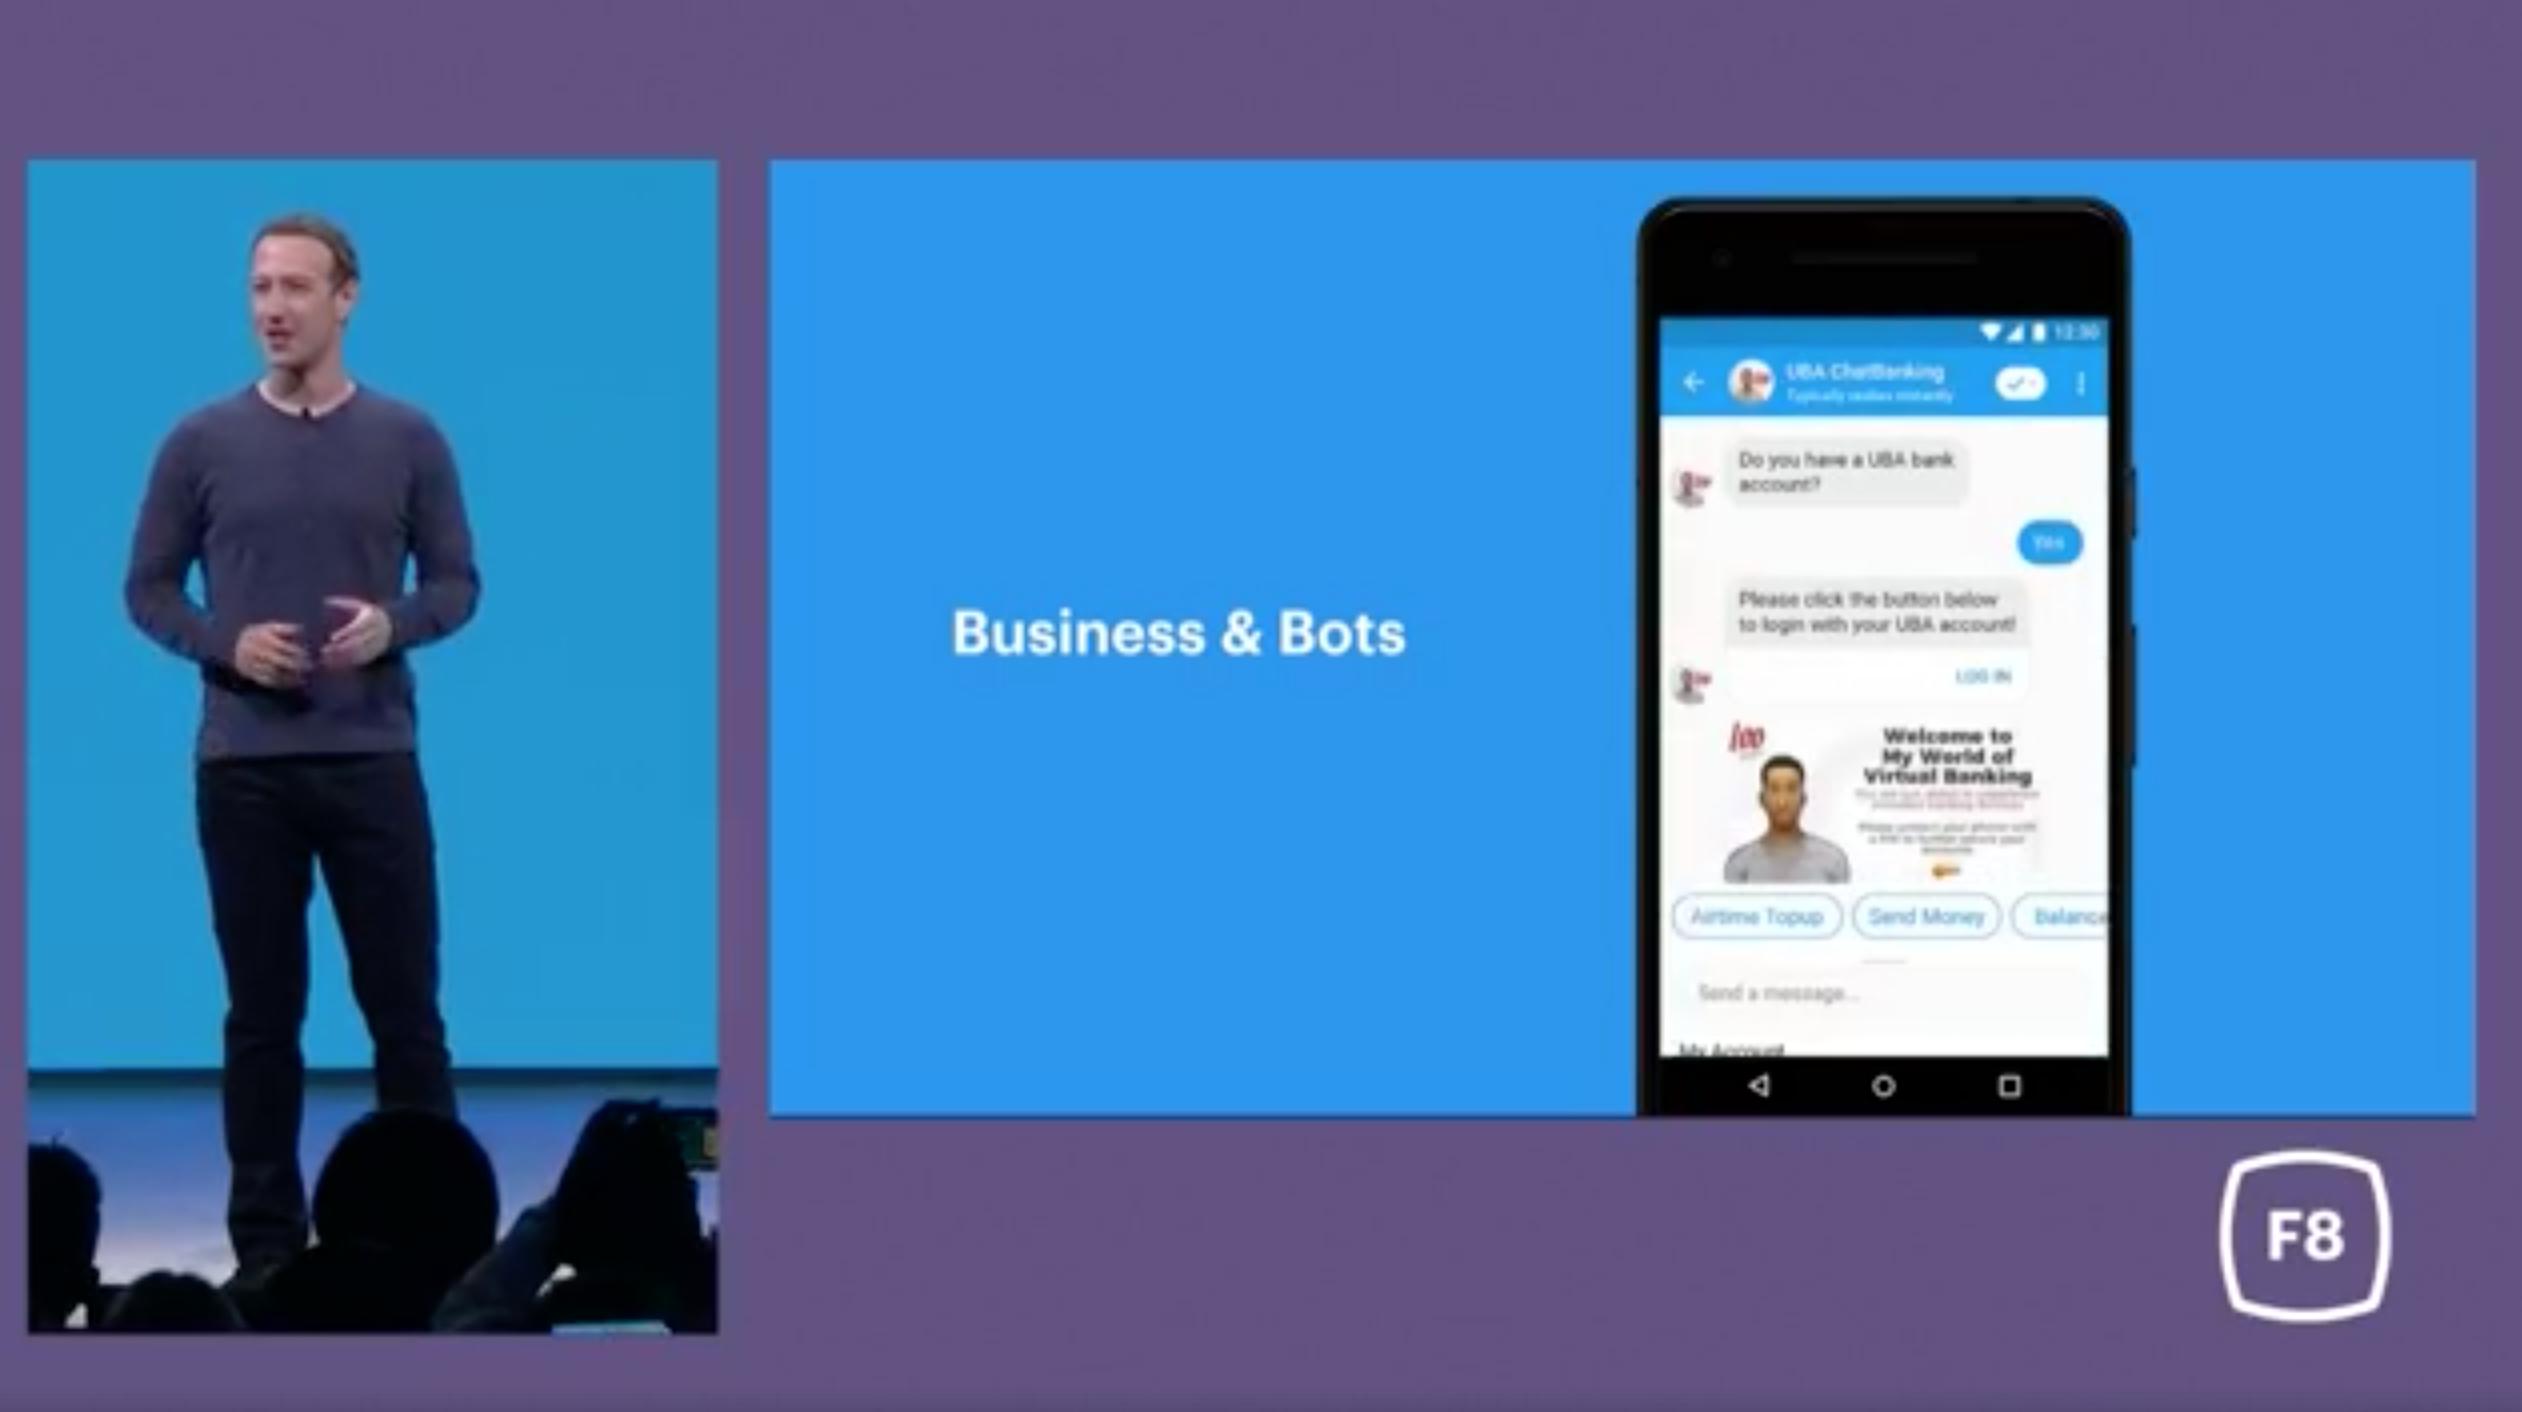 Facebook Messenger Business & Bots